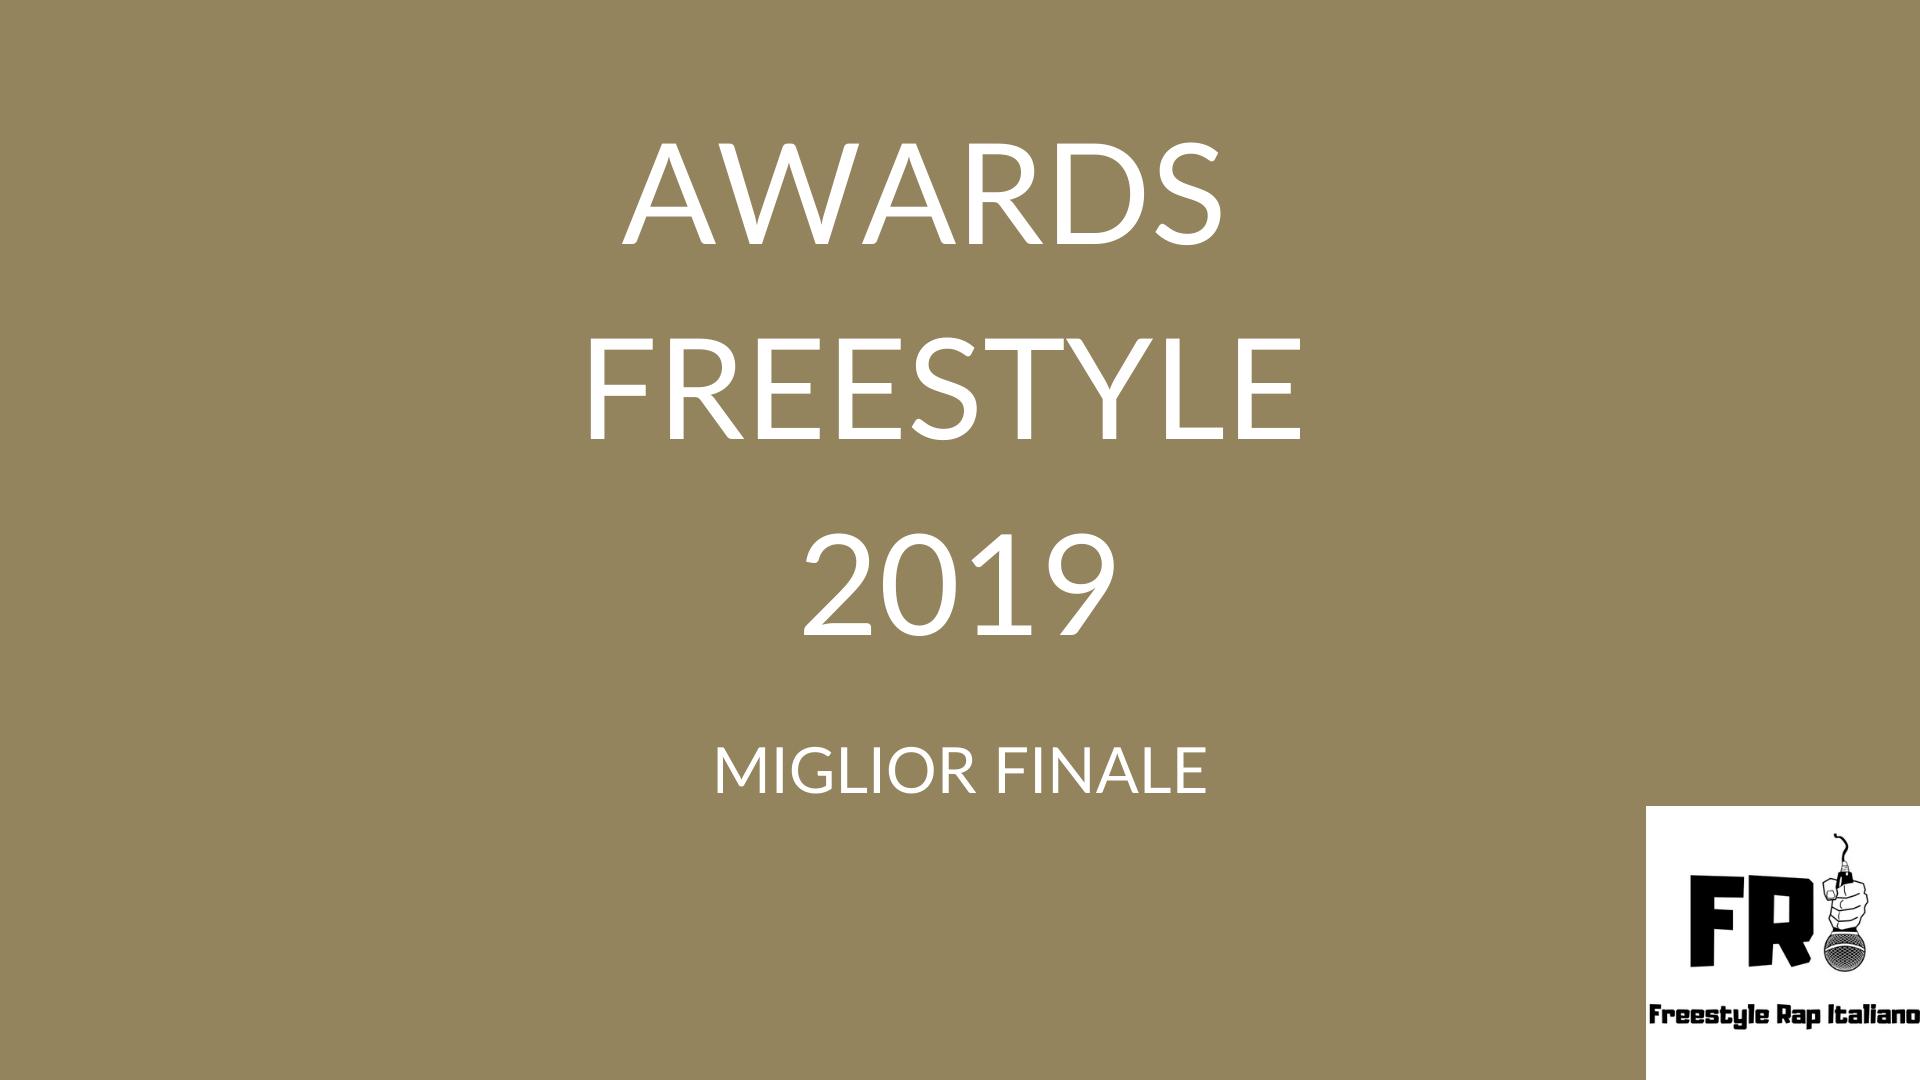 Awards del freestyle 2019: Le migliori finali